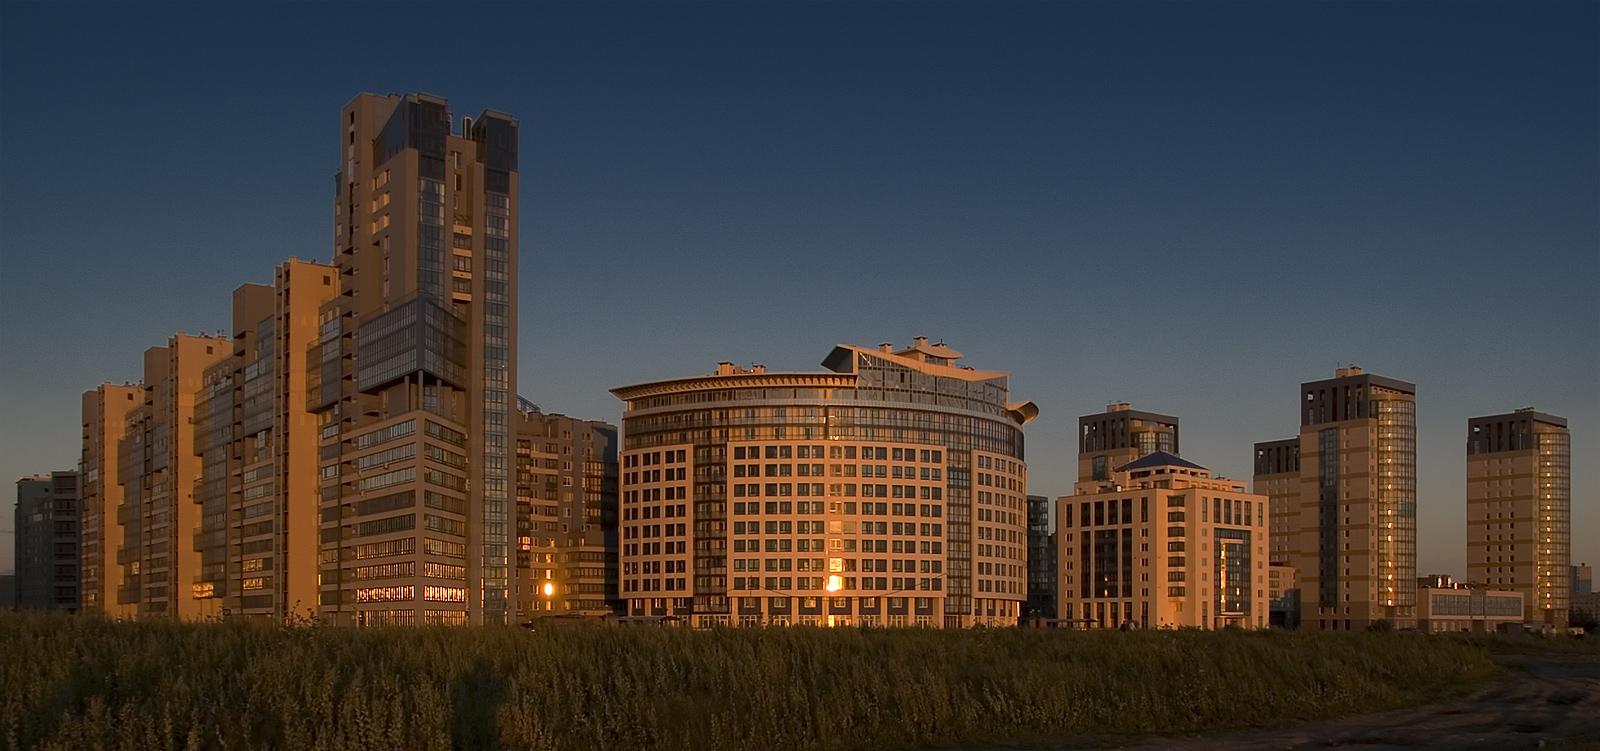 Продажа квартир в новостройках Санкт-Петербурга